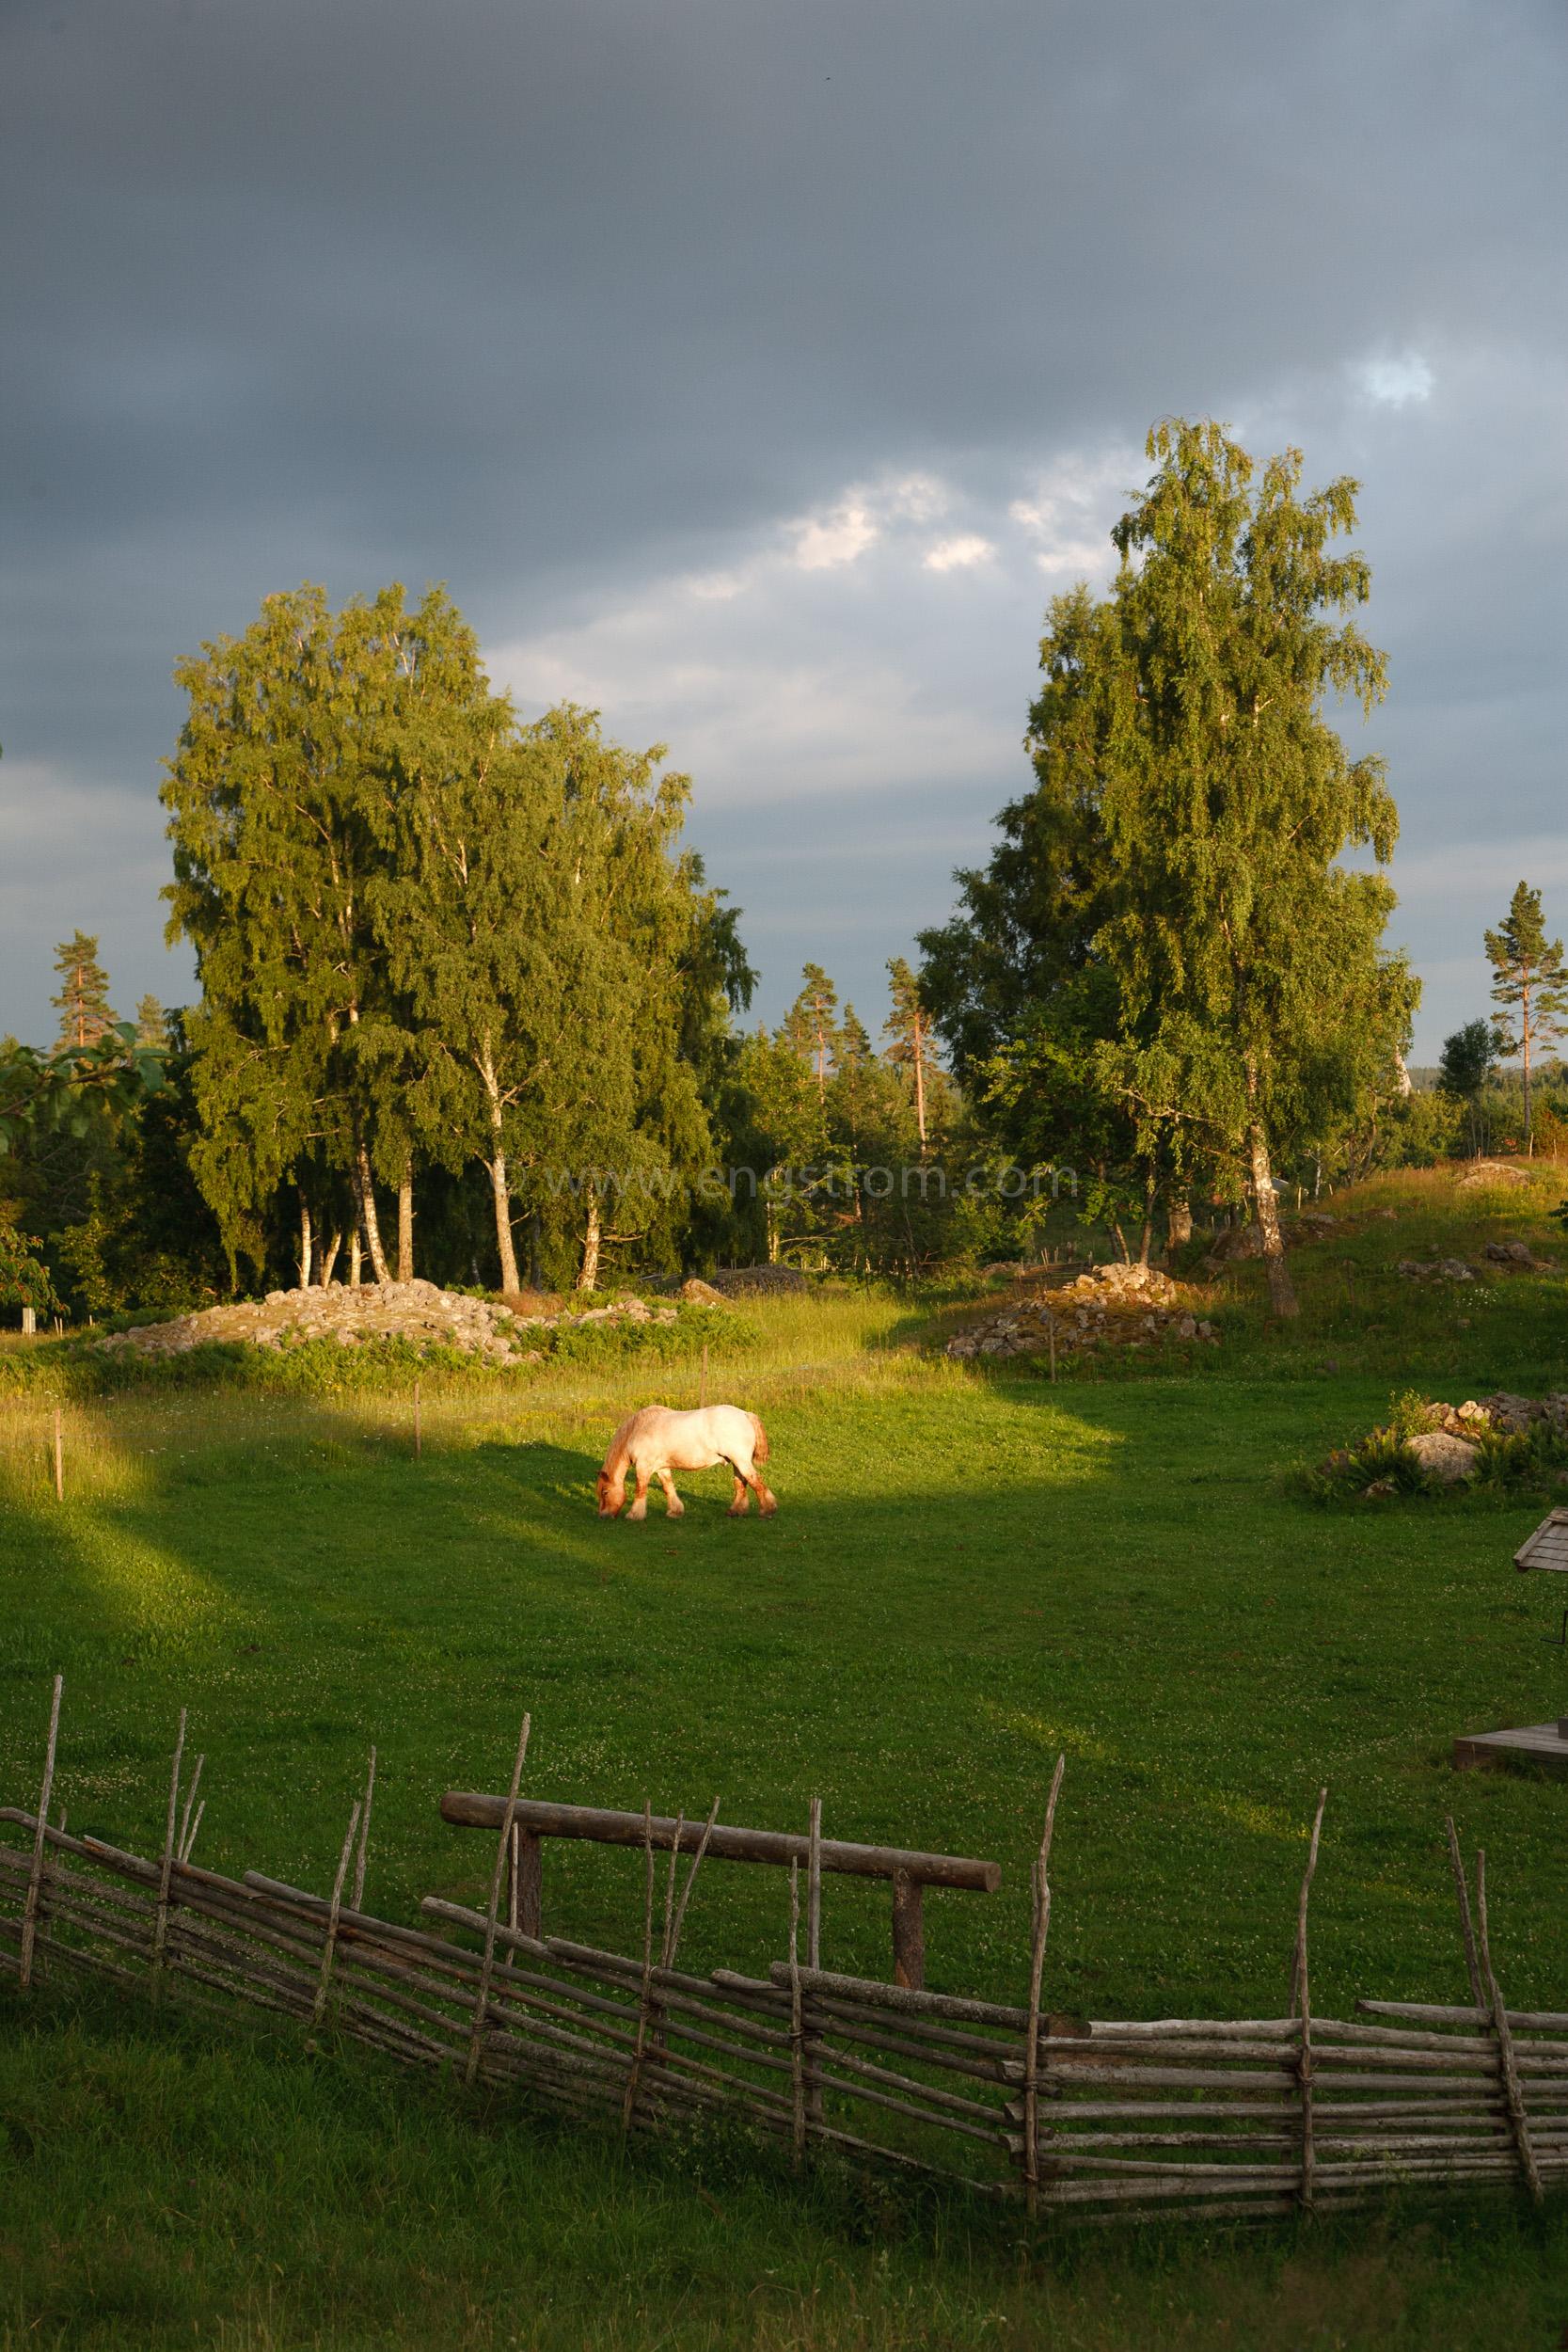 JE_20110707-195315, Arbetshäst på bete i solnedgång., Jonas Engström